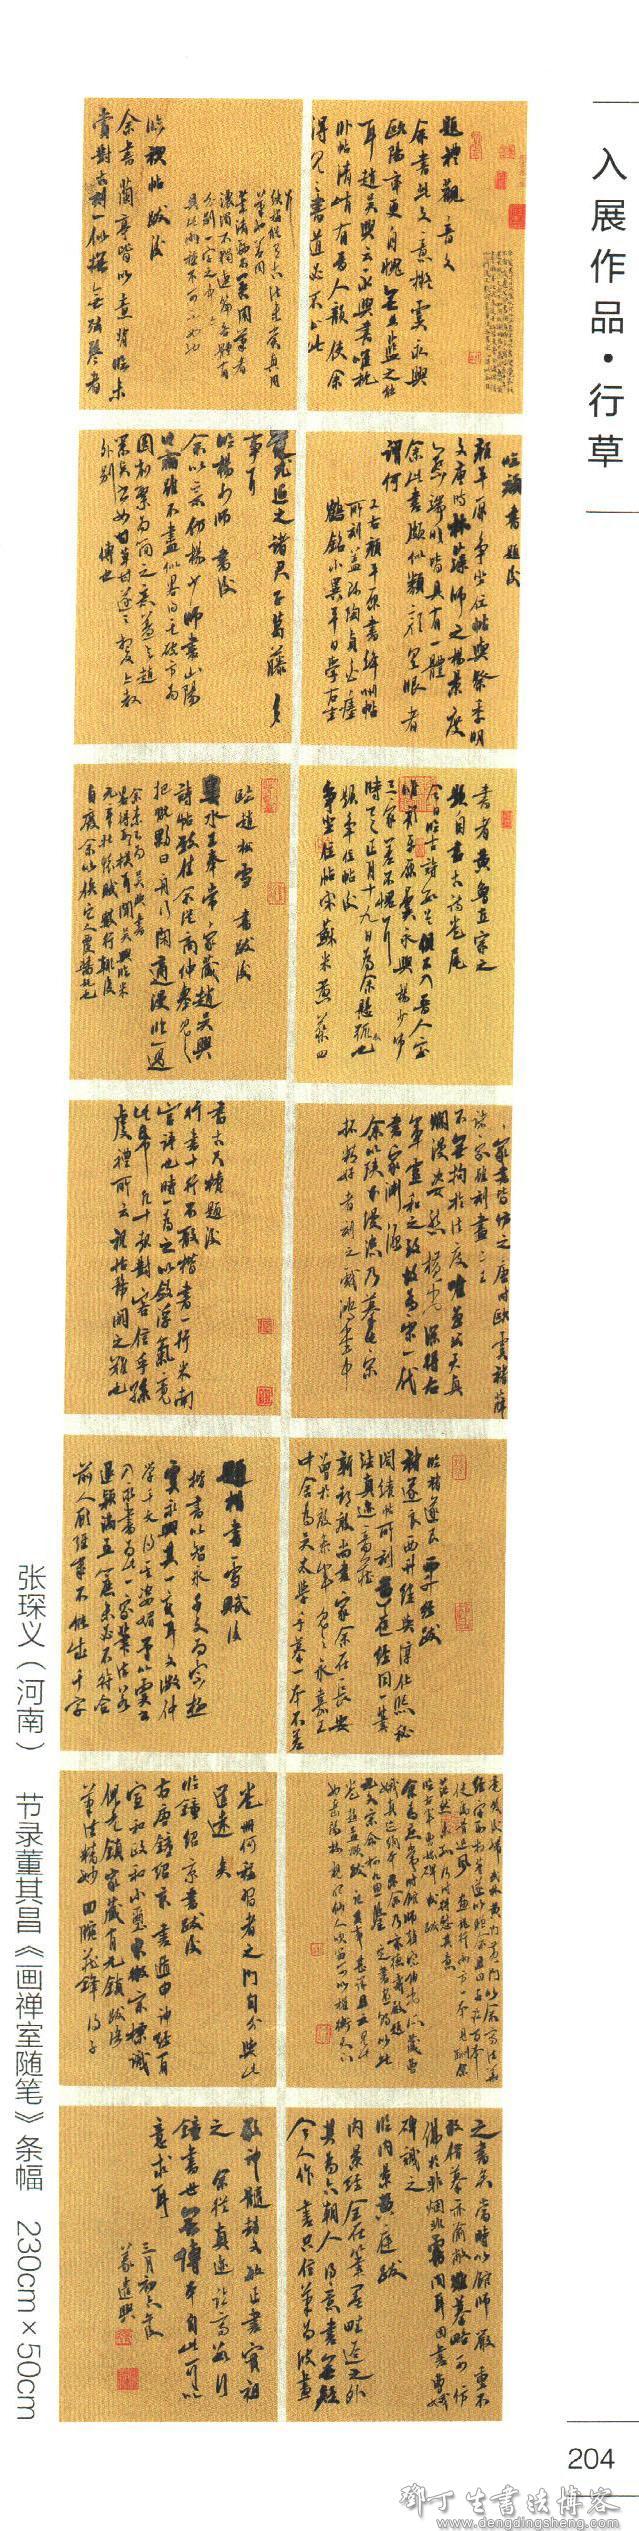 河南张琛义十一届国展入展行草书作品